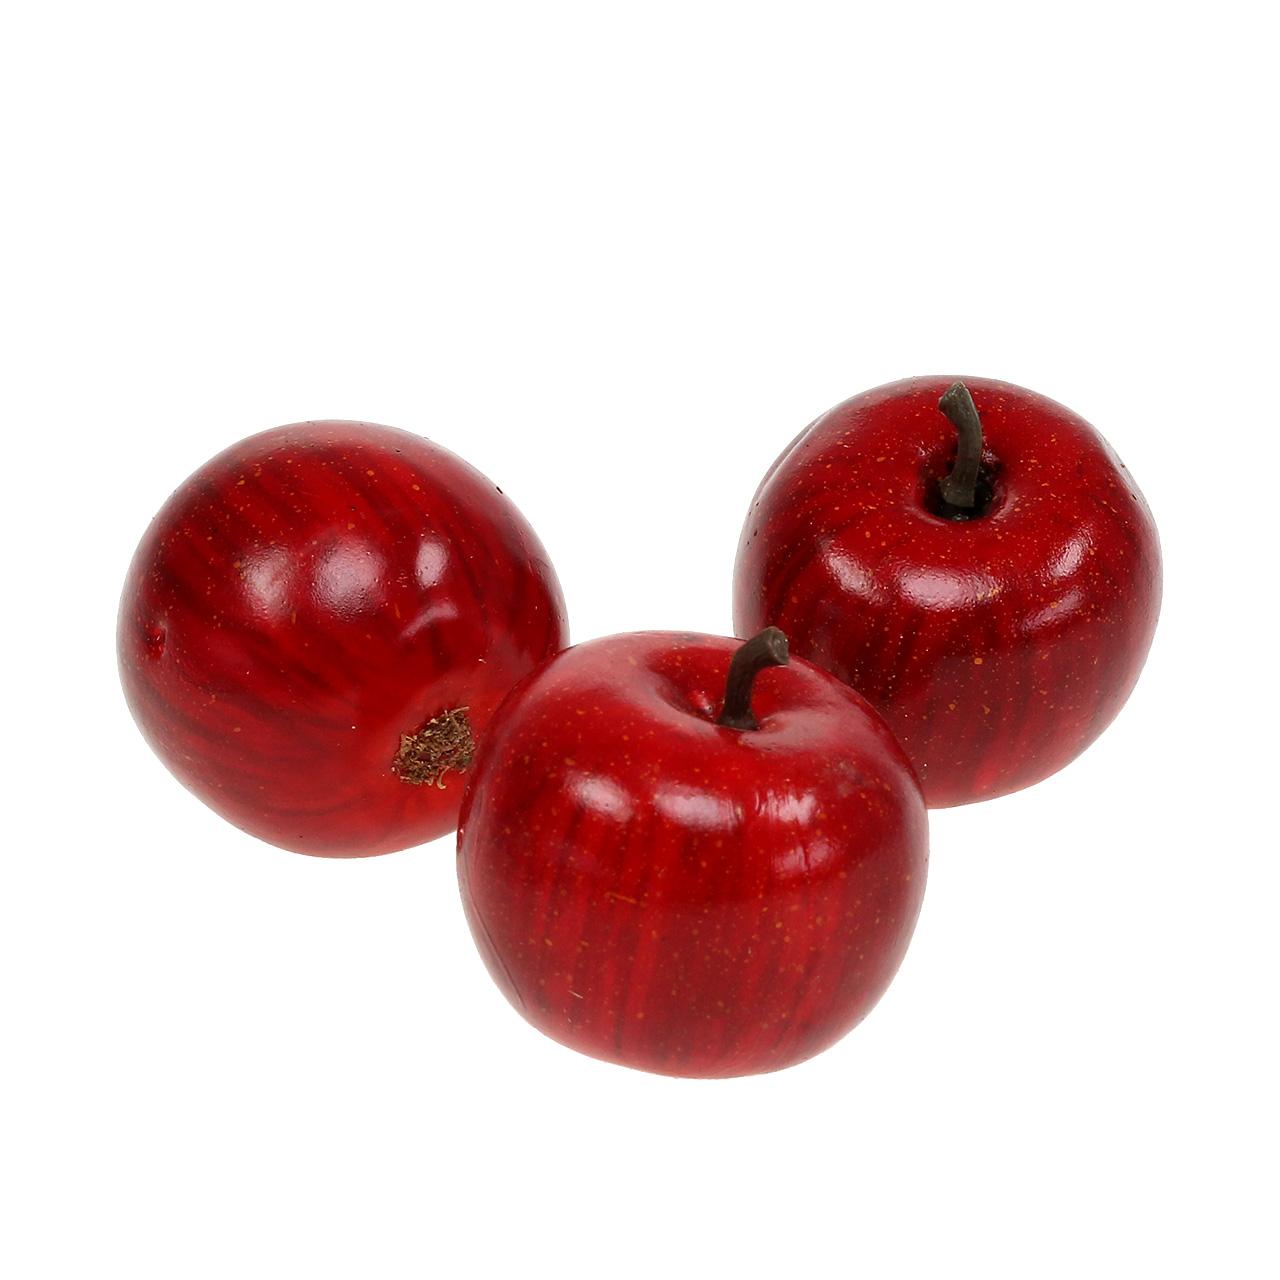 deko apfel rot gl nzend 4 5cm 12st preiswert online kaufen. Black Bedroom Furniture Sets. Home Design Ideas